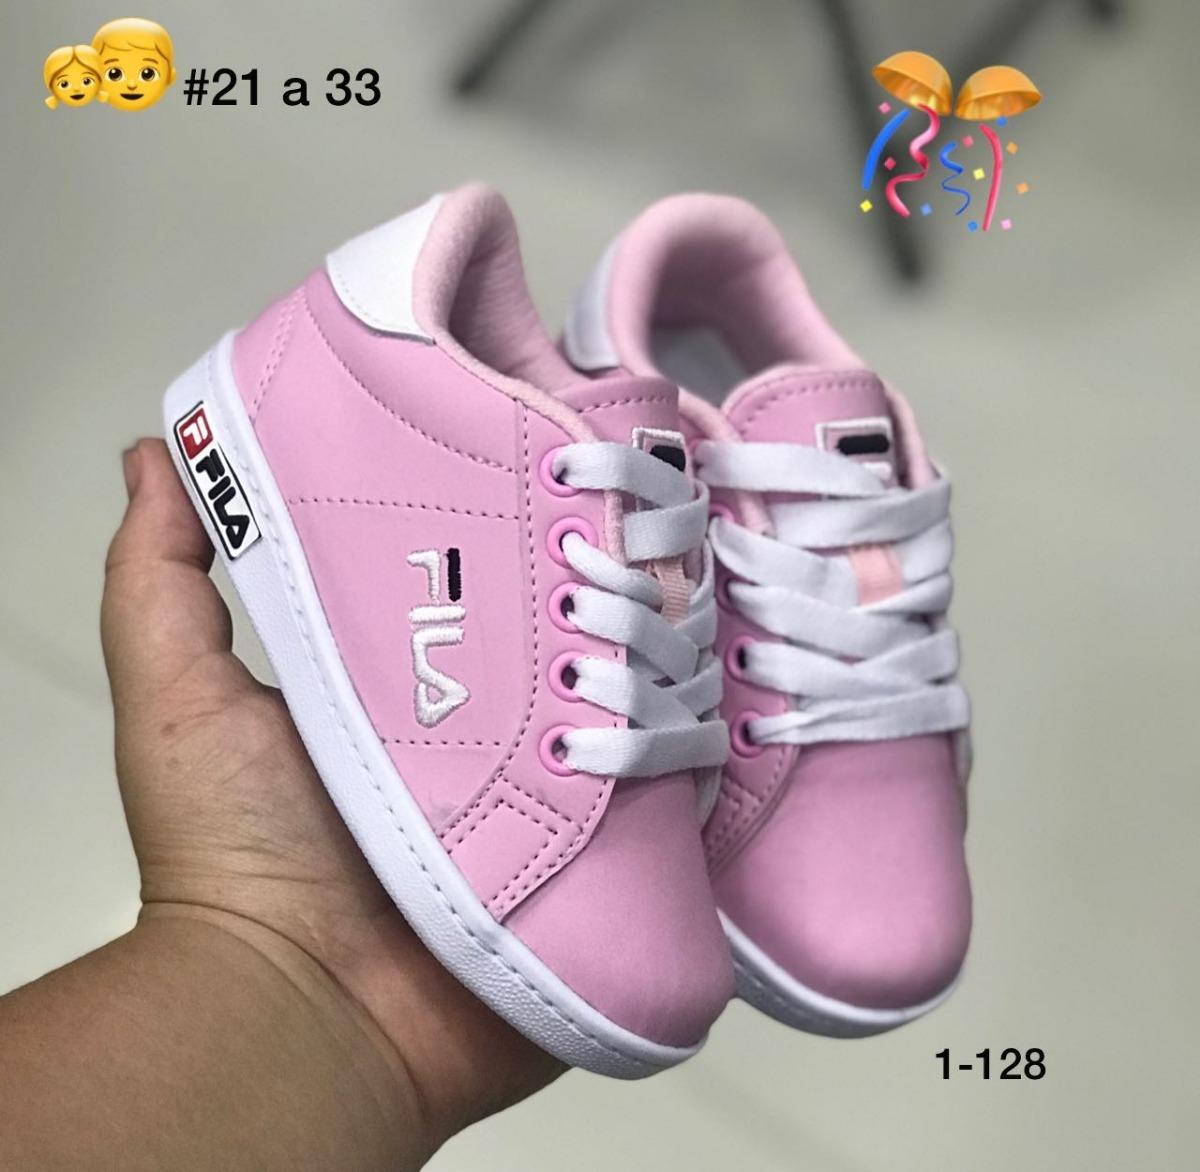 e967ea5f5 tenis zapatillas deportivas niños niñas calidad env. gratis. Cargando zoom.